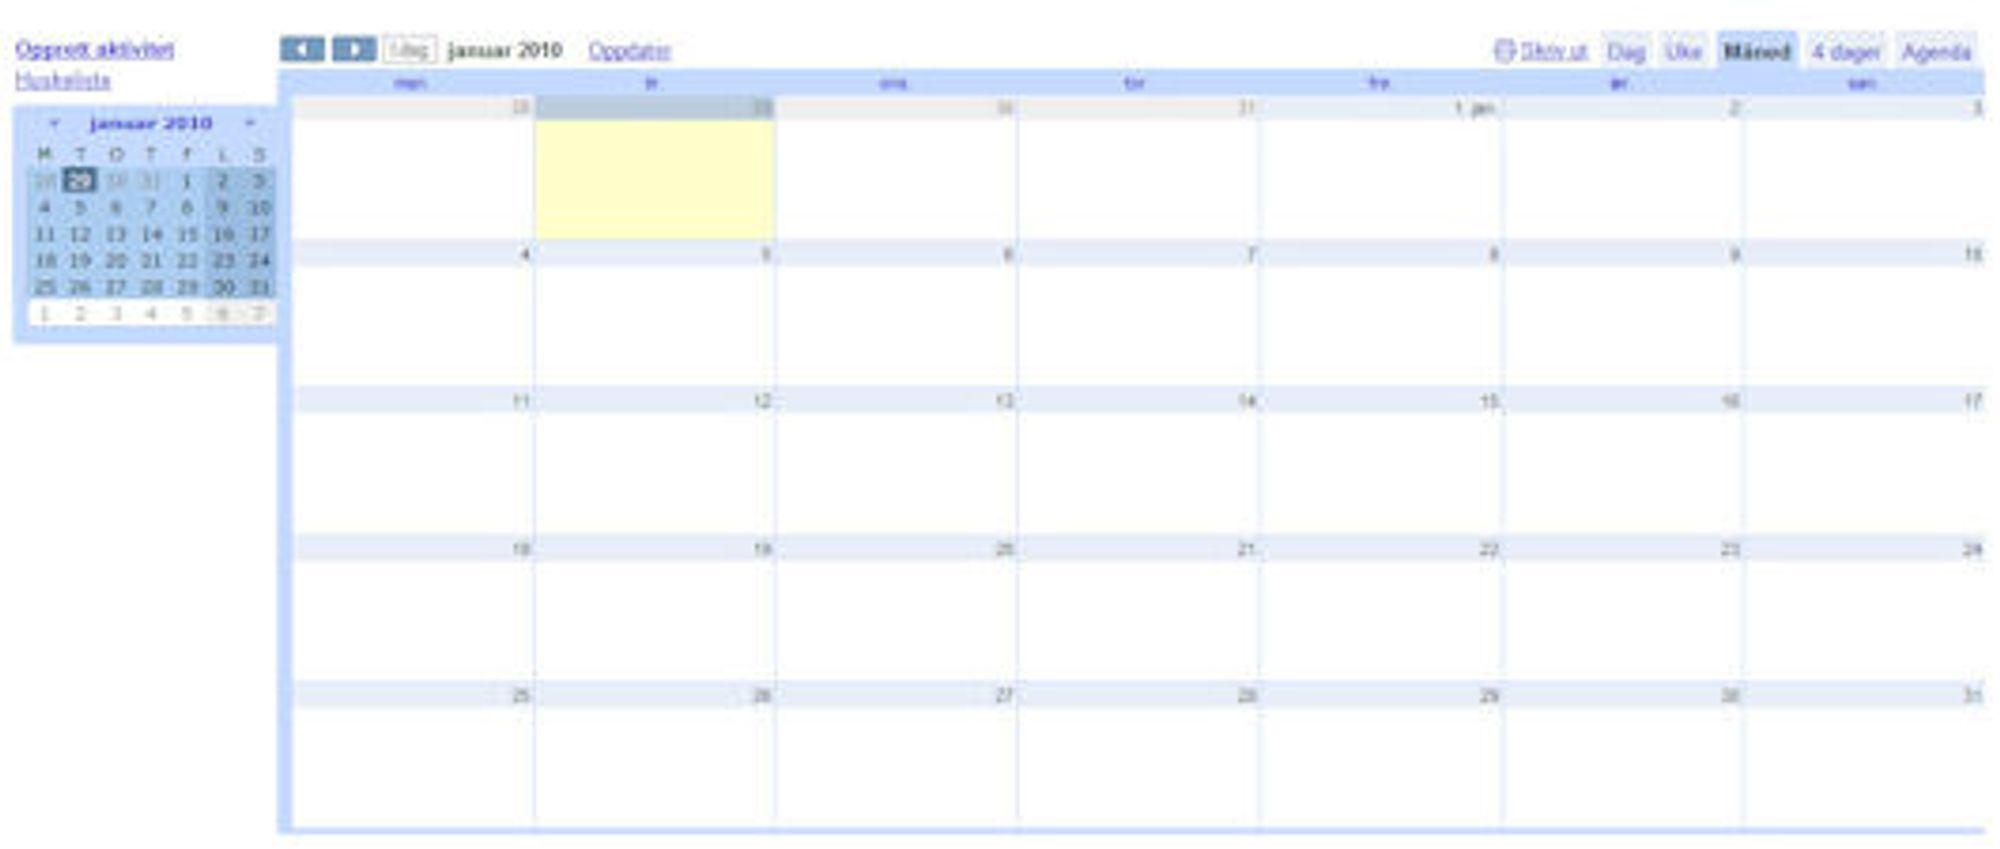 guide guide kalendere google kalender. Black Bedroom Furniture Sets. Home Design Ideas